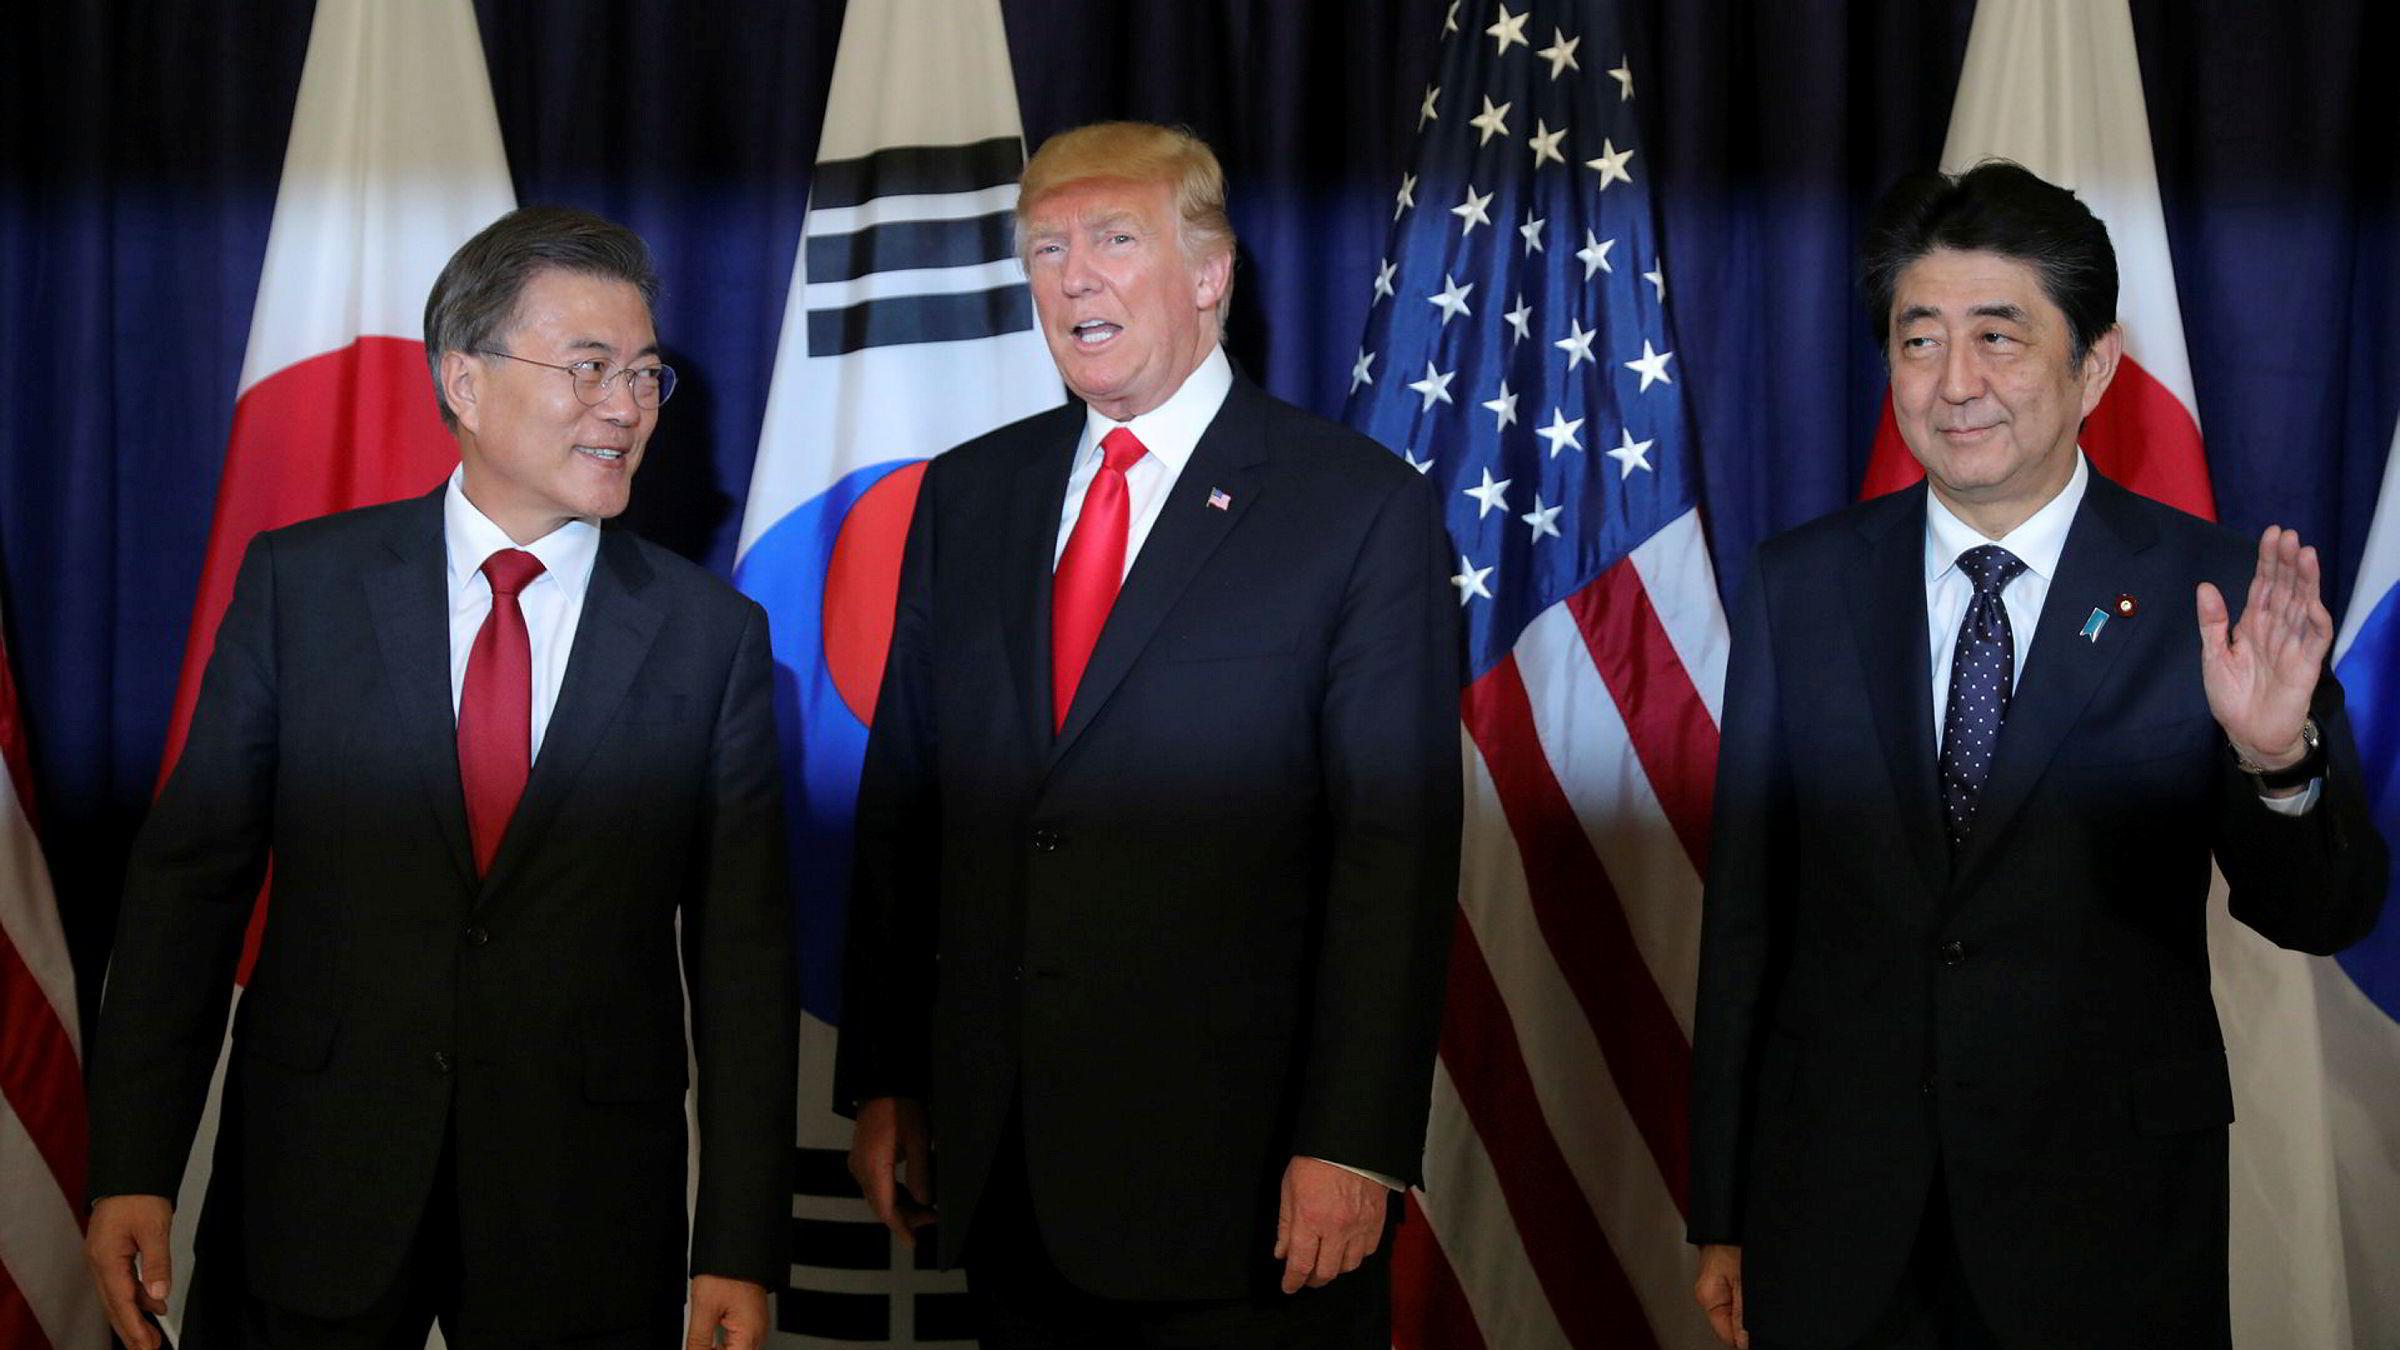 USAs president Donald Trump møter Japans statsminister Shinzo Abe og Sør-Koreas president Moon Jae-in fotografert sammen under G20-møtet i juli i år.